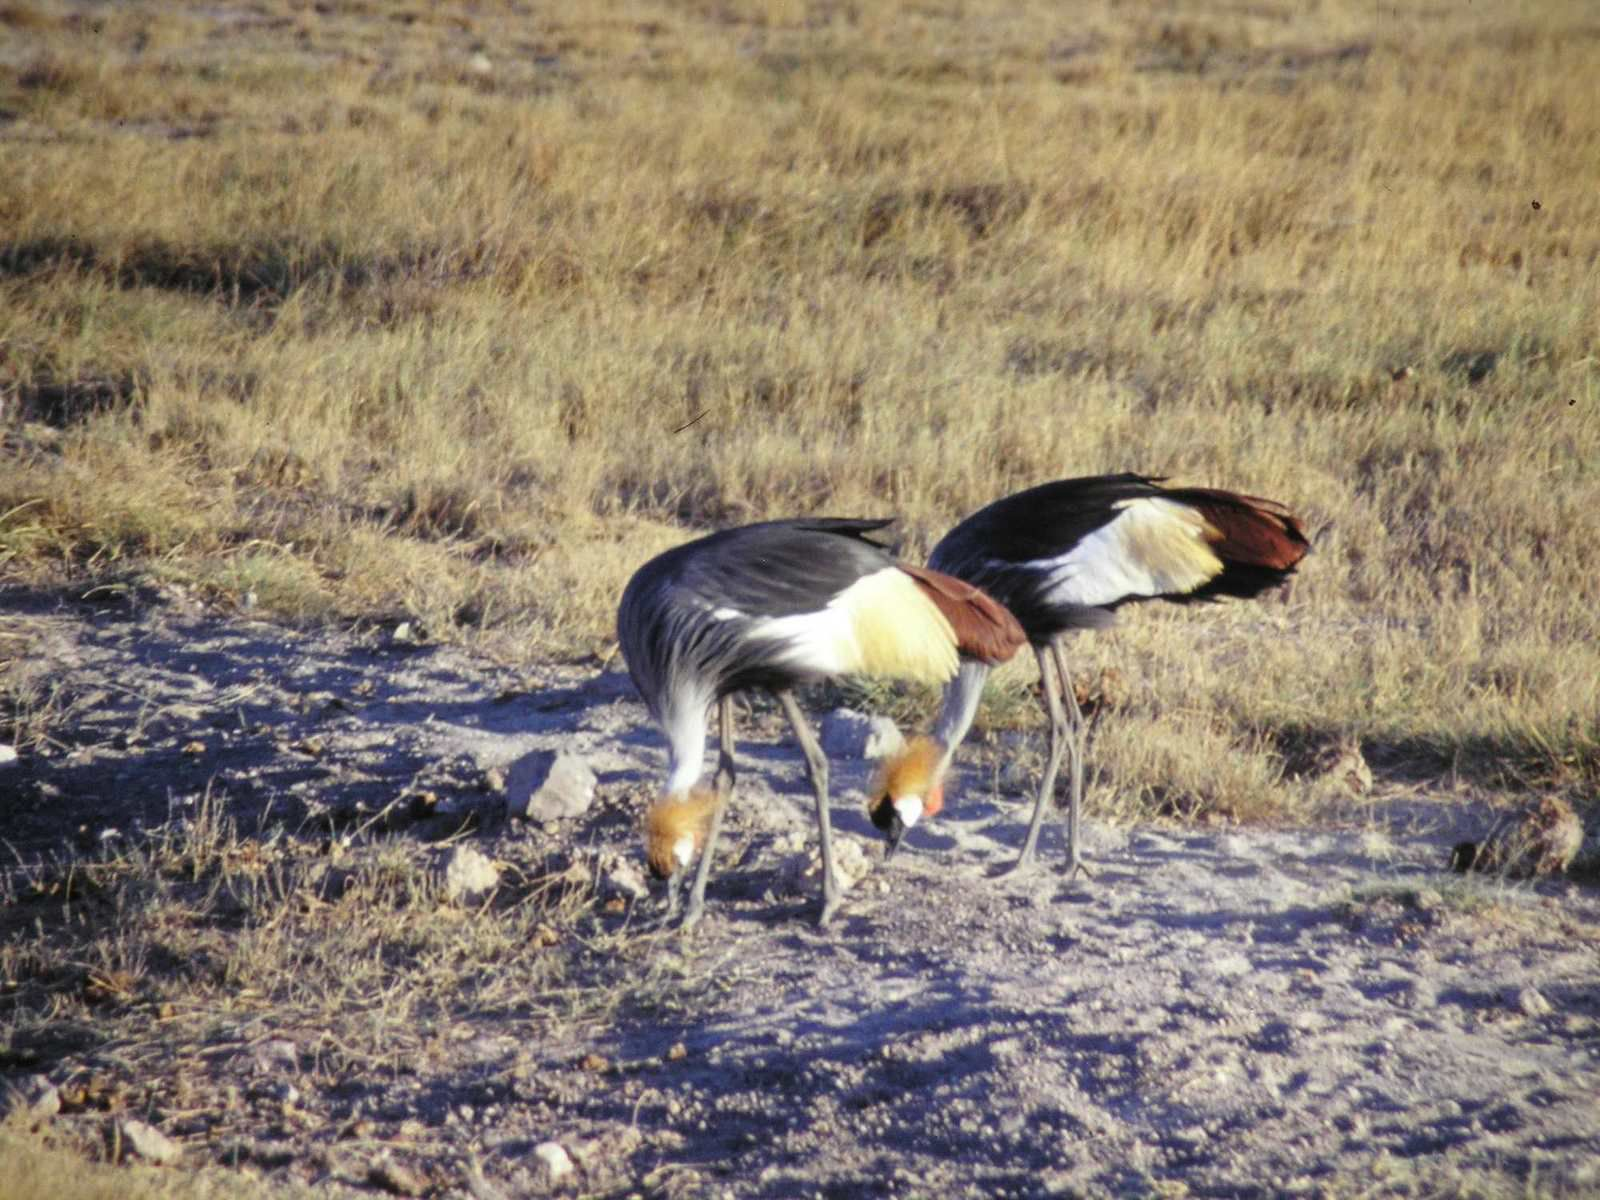 Kénia-Lac Bogoria